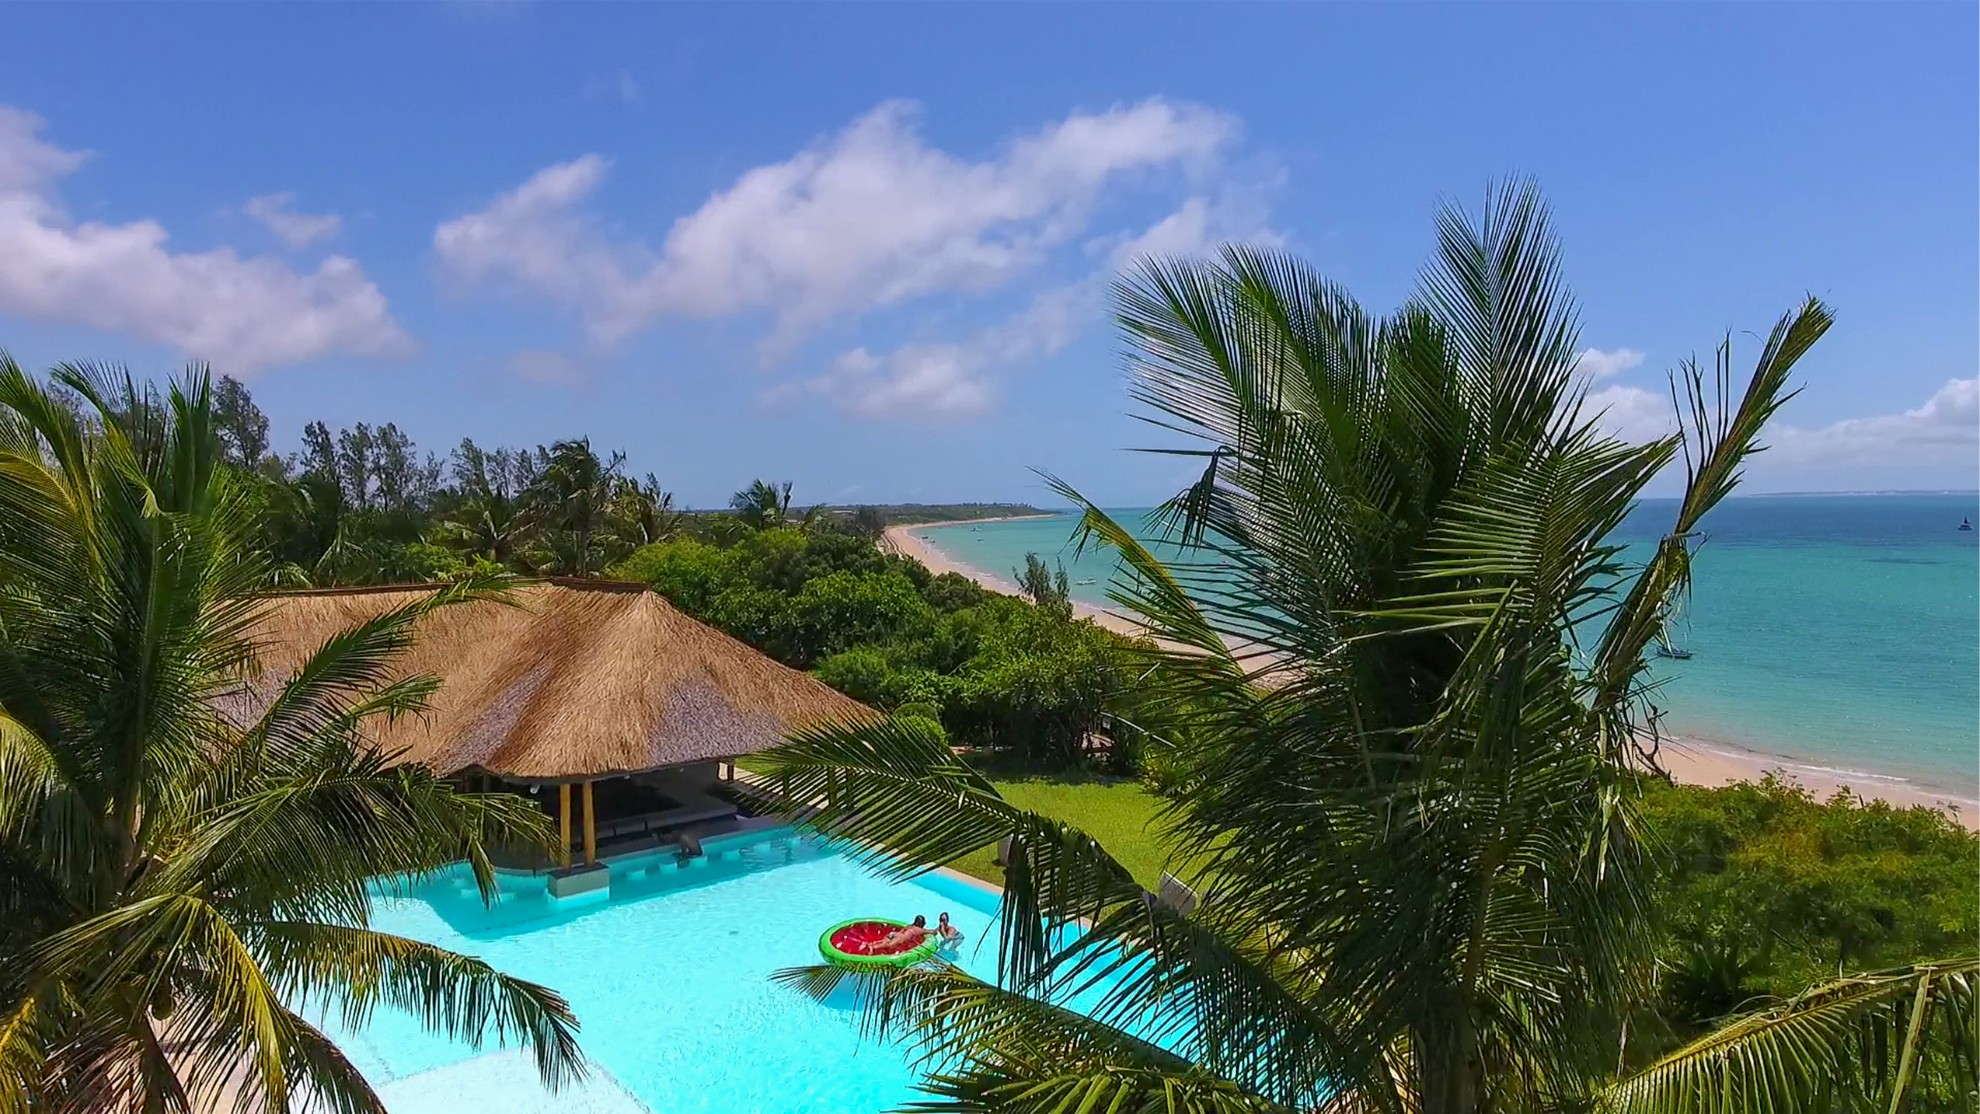 Bahia Mar Boutique Hotel Pool Beach Views